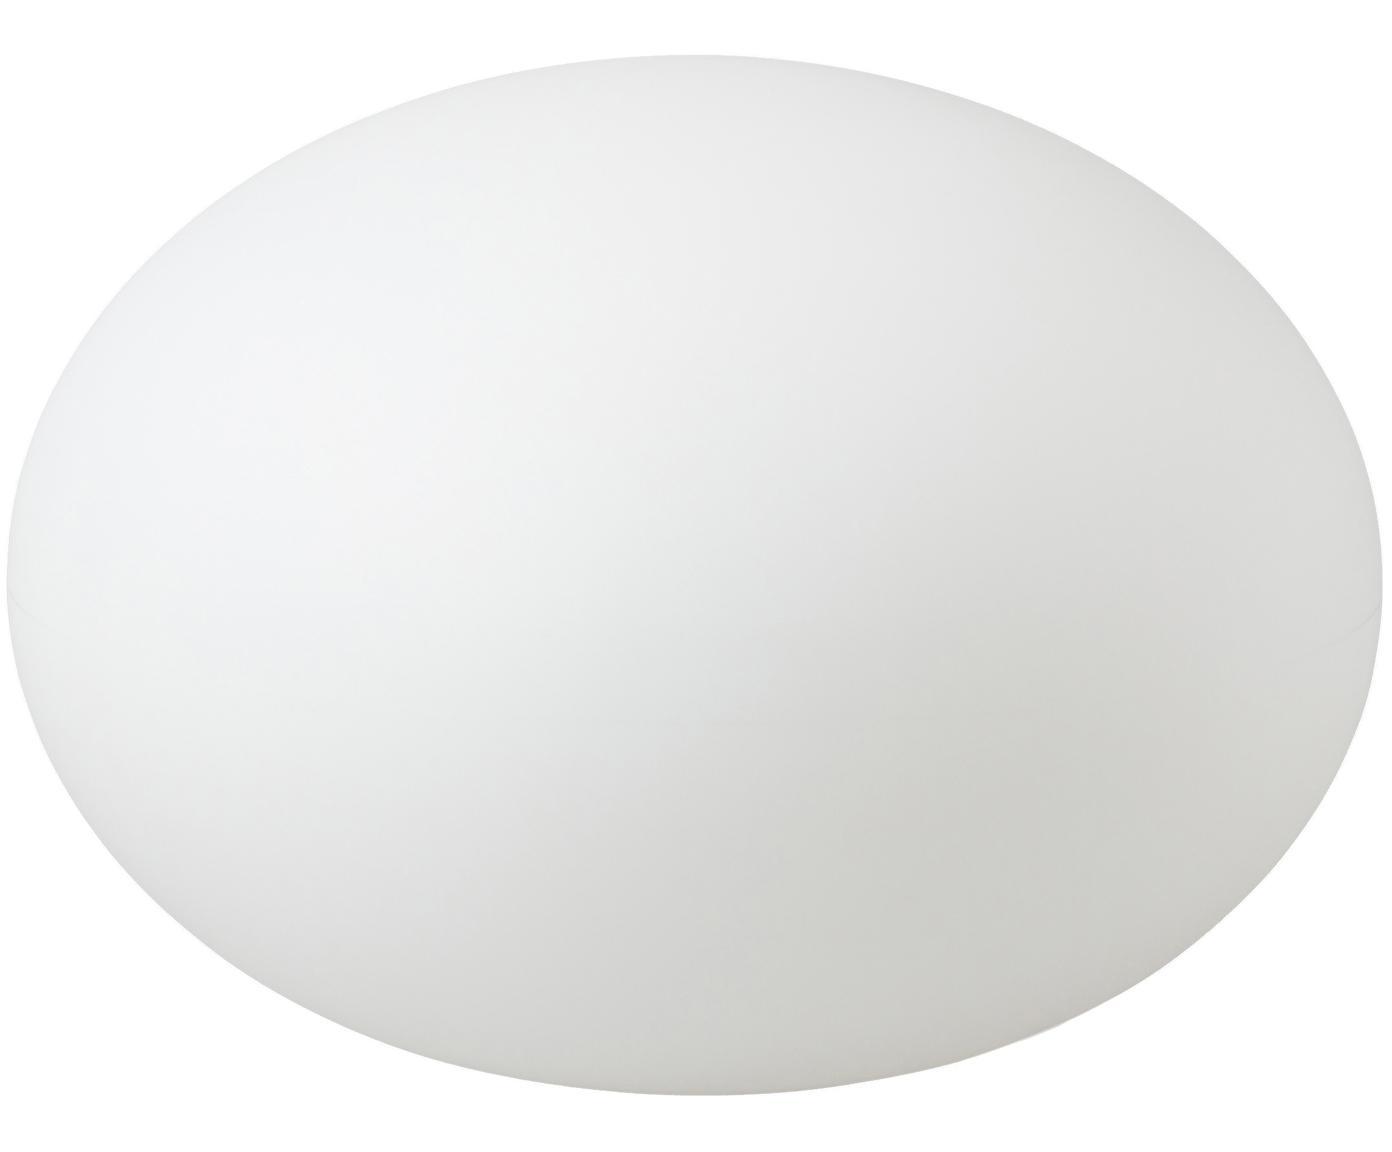 Zewnętrzna lampa podłogowa z wtyczką Apollo, Tworzywo sztuczne, Biały, Ø 40 x W 30 cm